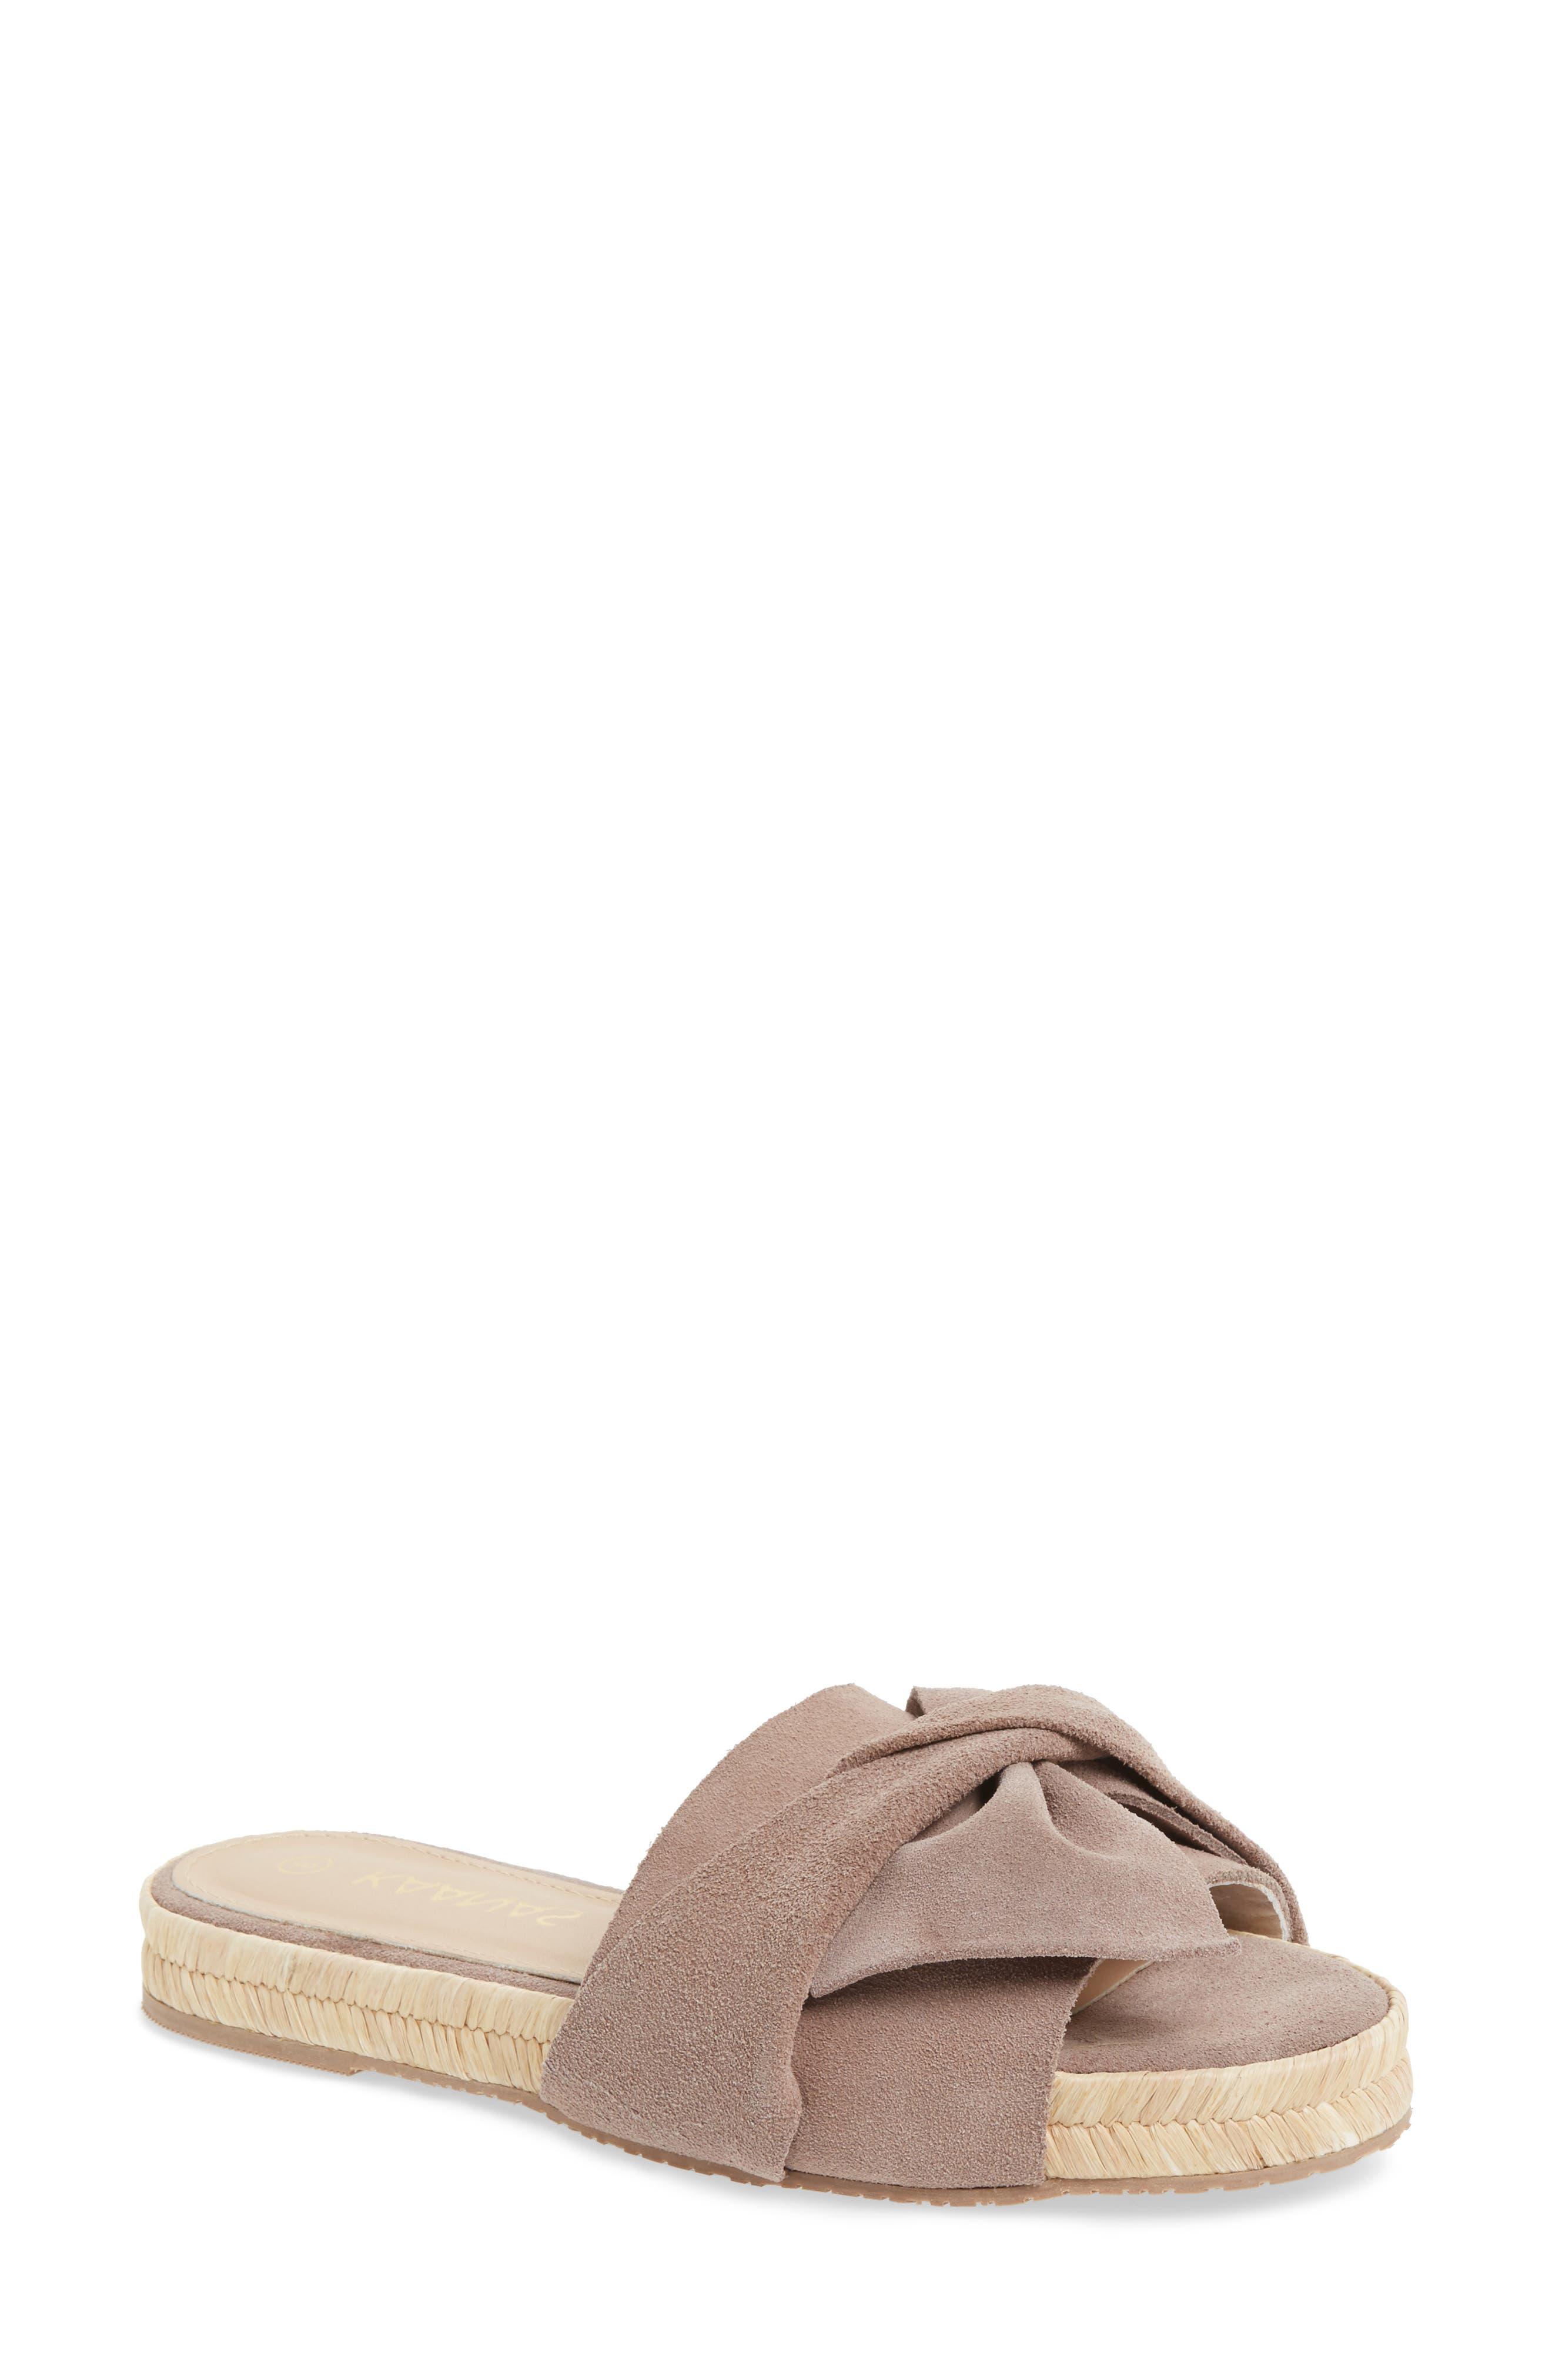 Sayulita Knotted Slide Sandal,                         Main,                         color, 500